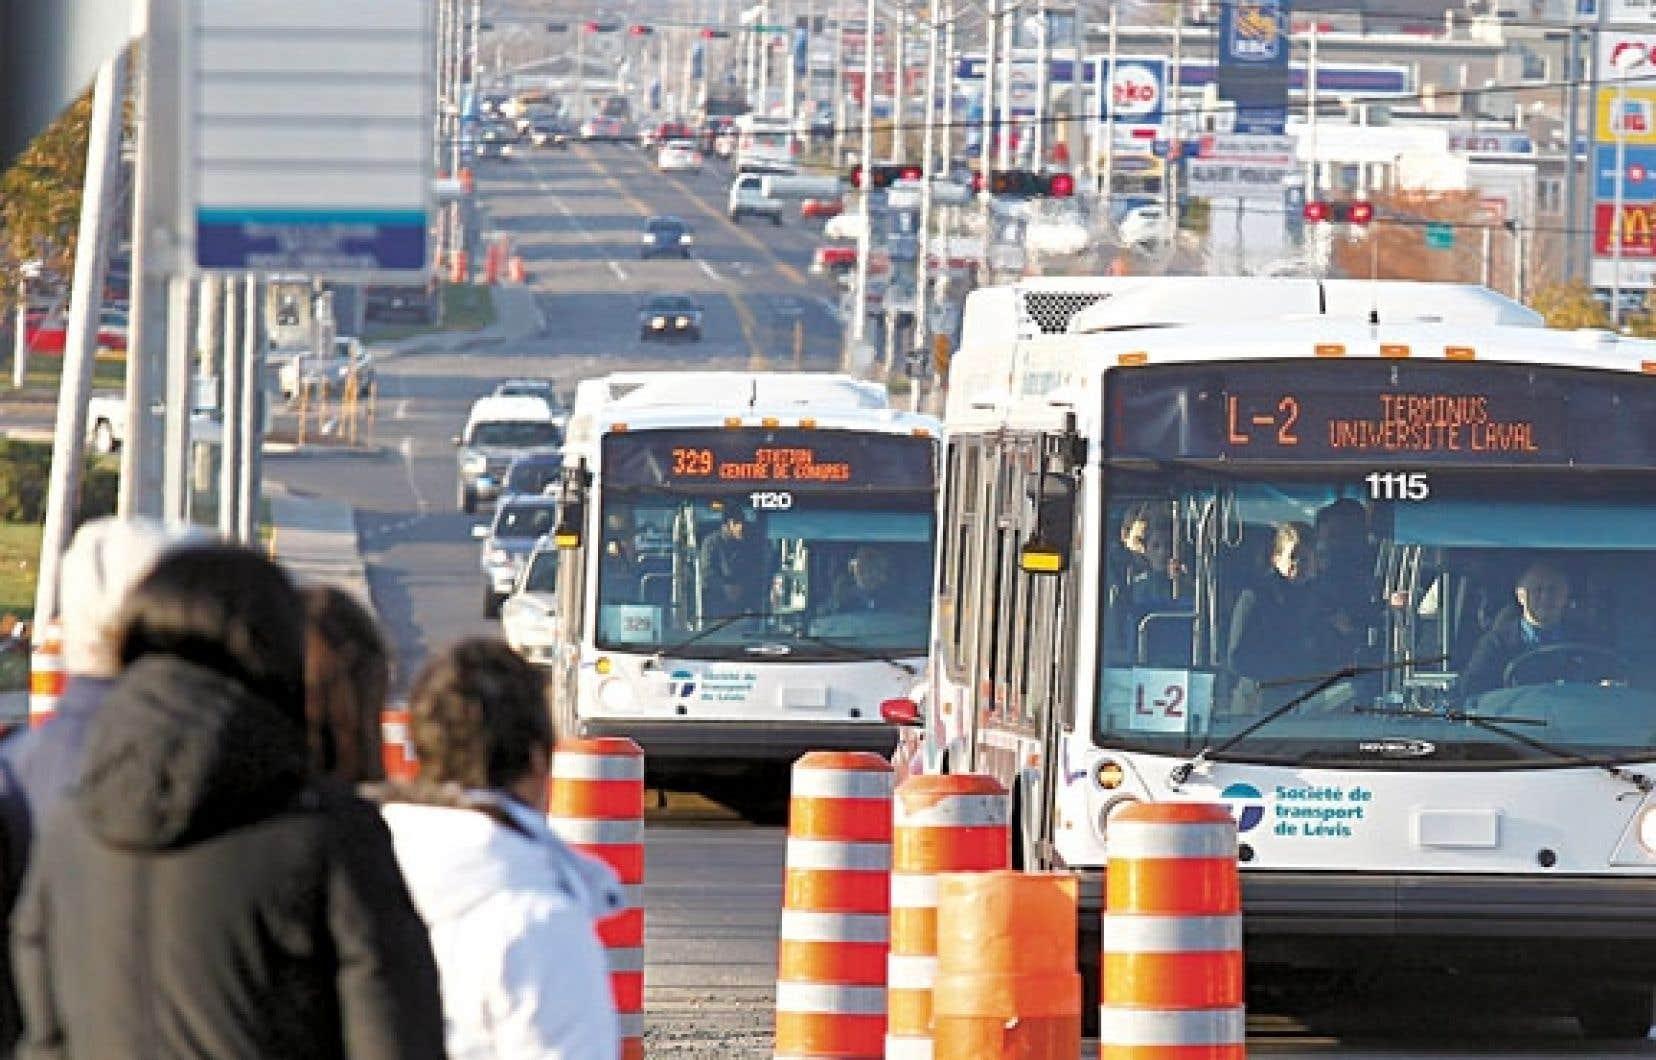 Sur 179 villes québécoises, Lévis se classe 139e pour le transport en commun, rappelle un des candidats à la mairie de la municipalité.